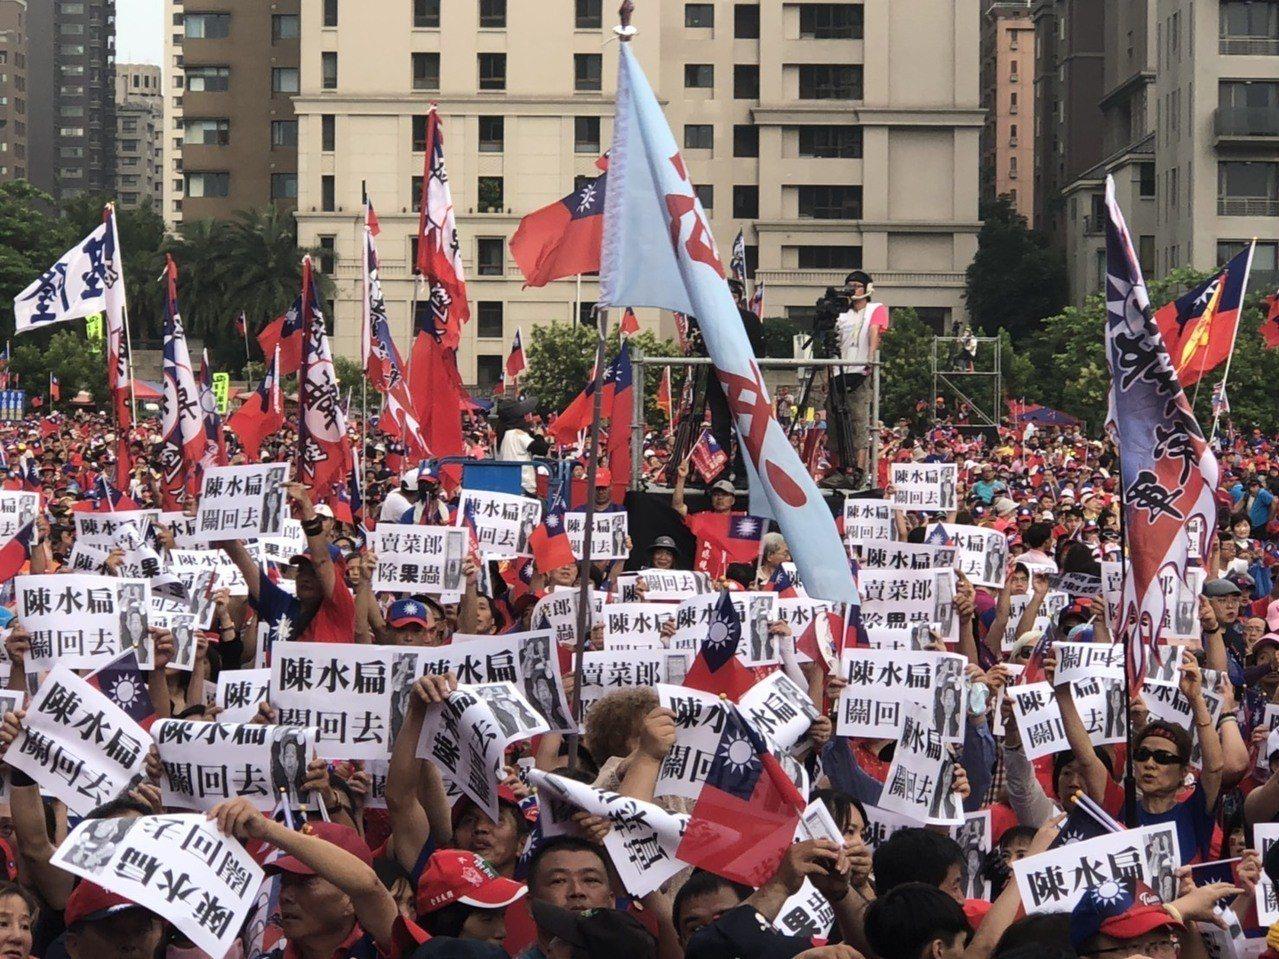 韓粉擠爆台中造勢,上千名韓粉手持「陳水扁關回去」標語沈默抗議。記者陳秋雲/攝影